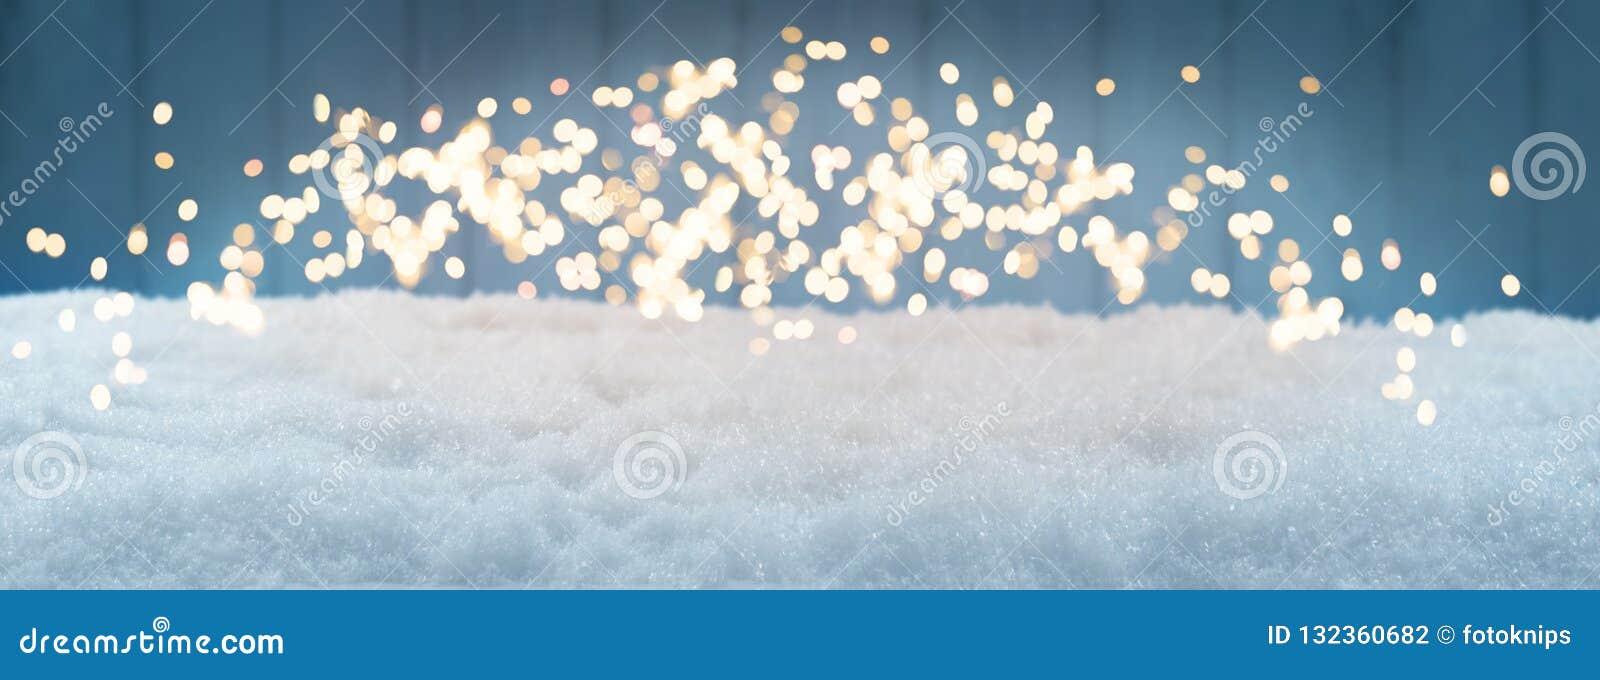 Fundo do Natal, neve com bokeh contra o azul